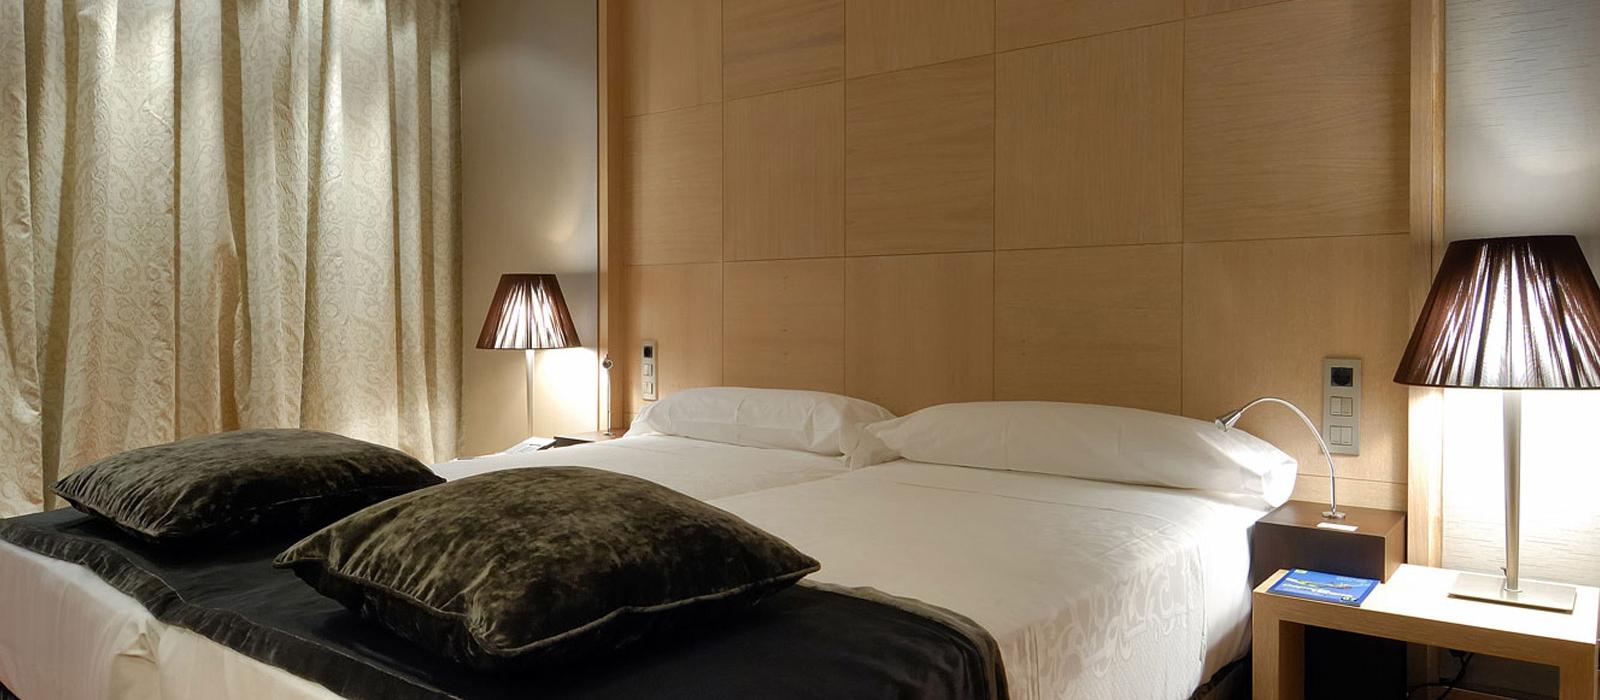 Standard Zimmer. Frontaura Hotel Valladolid - Vincci Hoteles